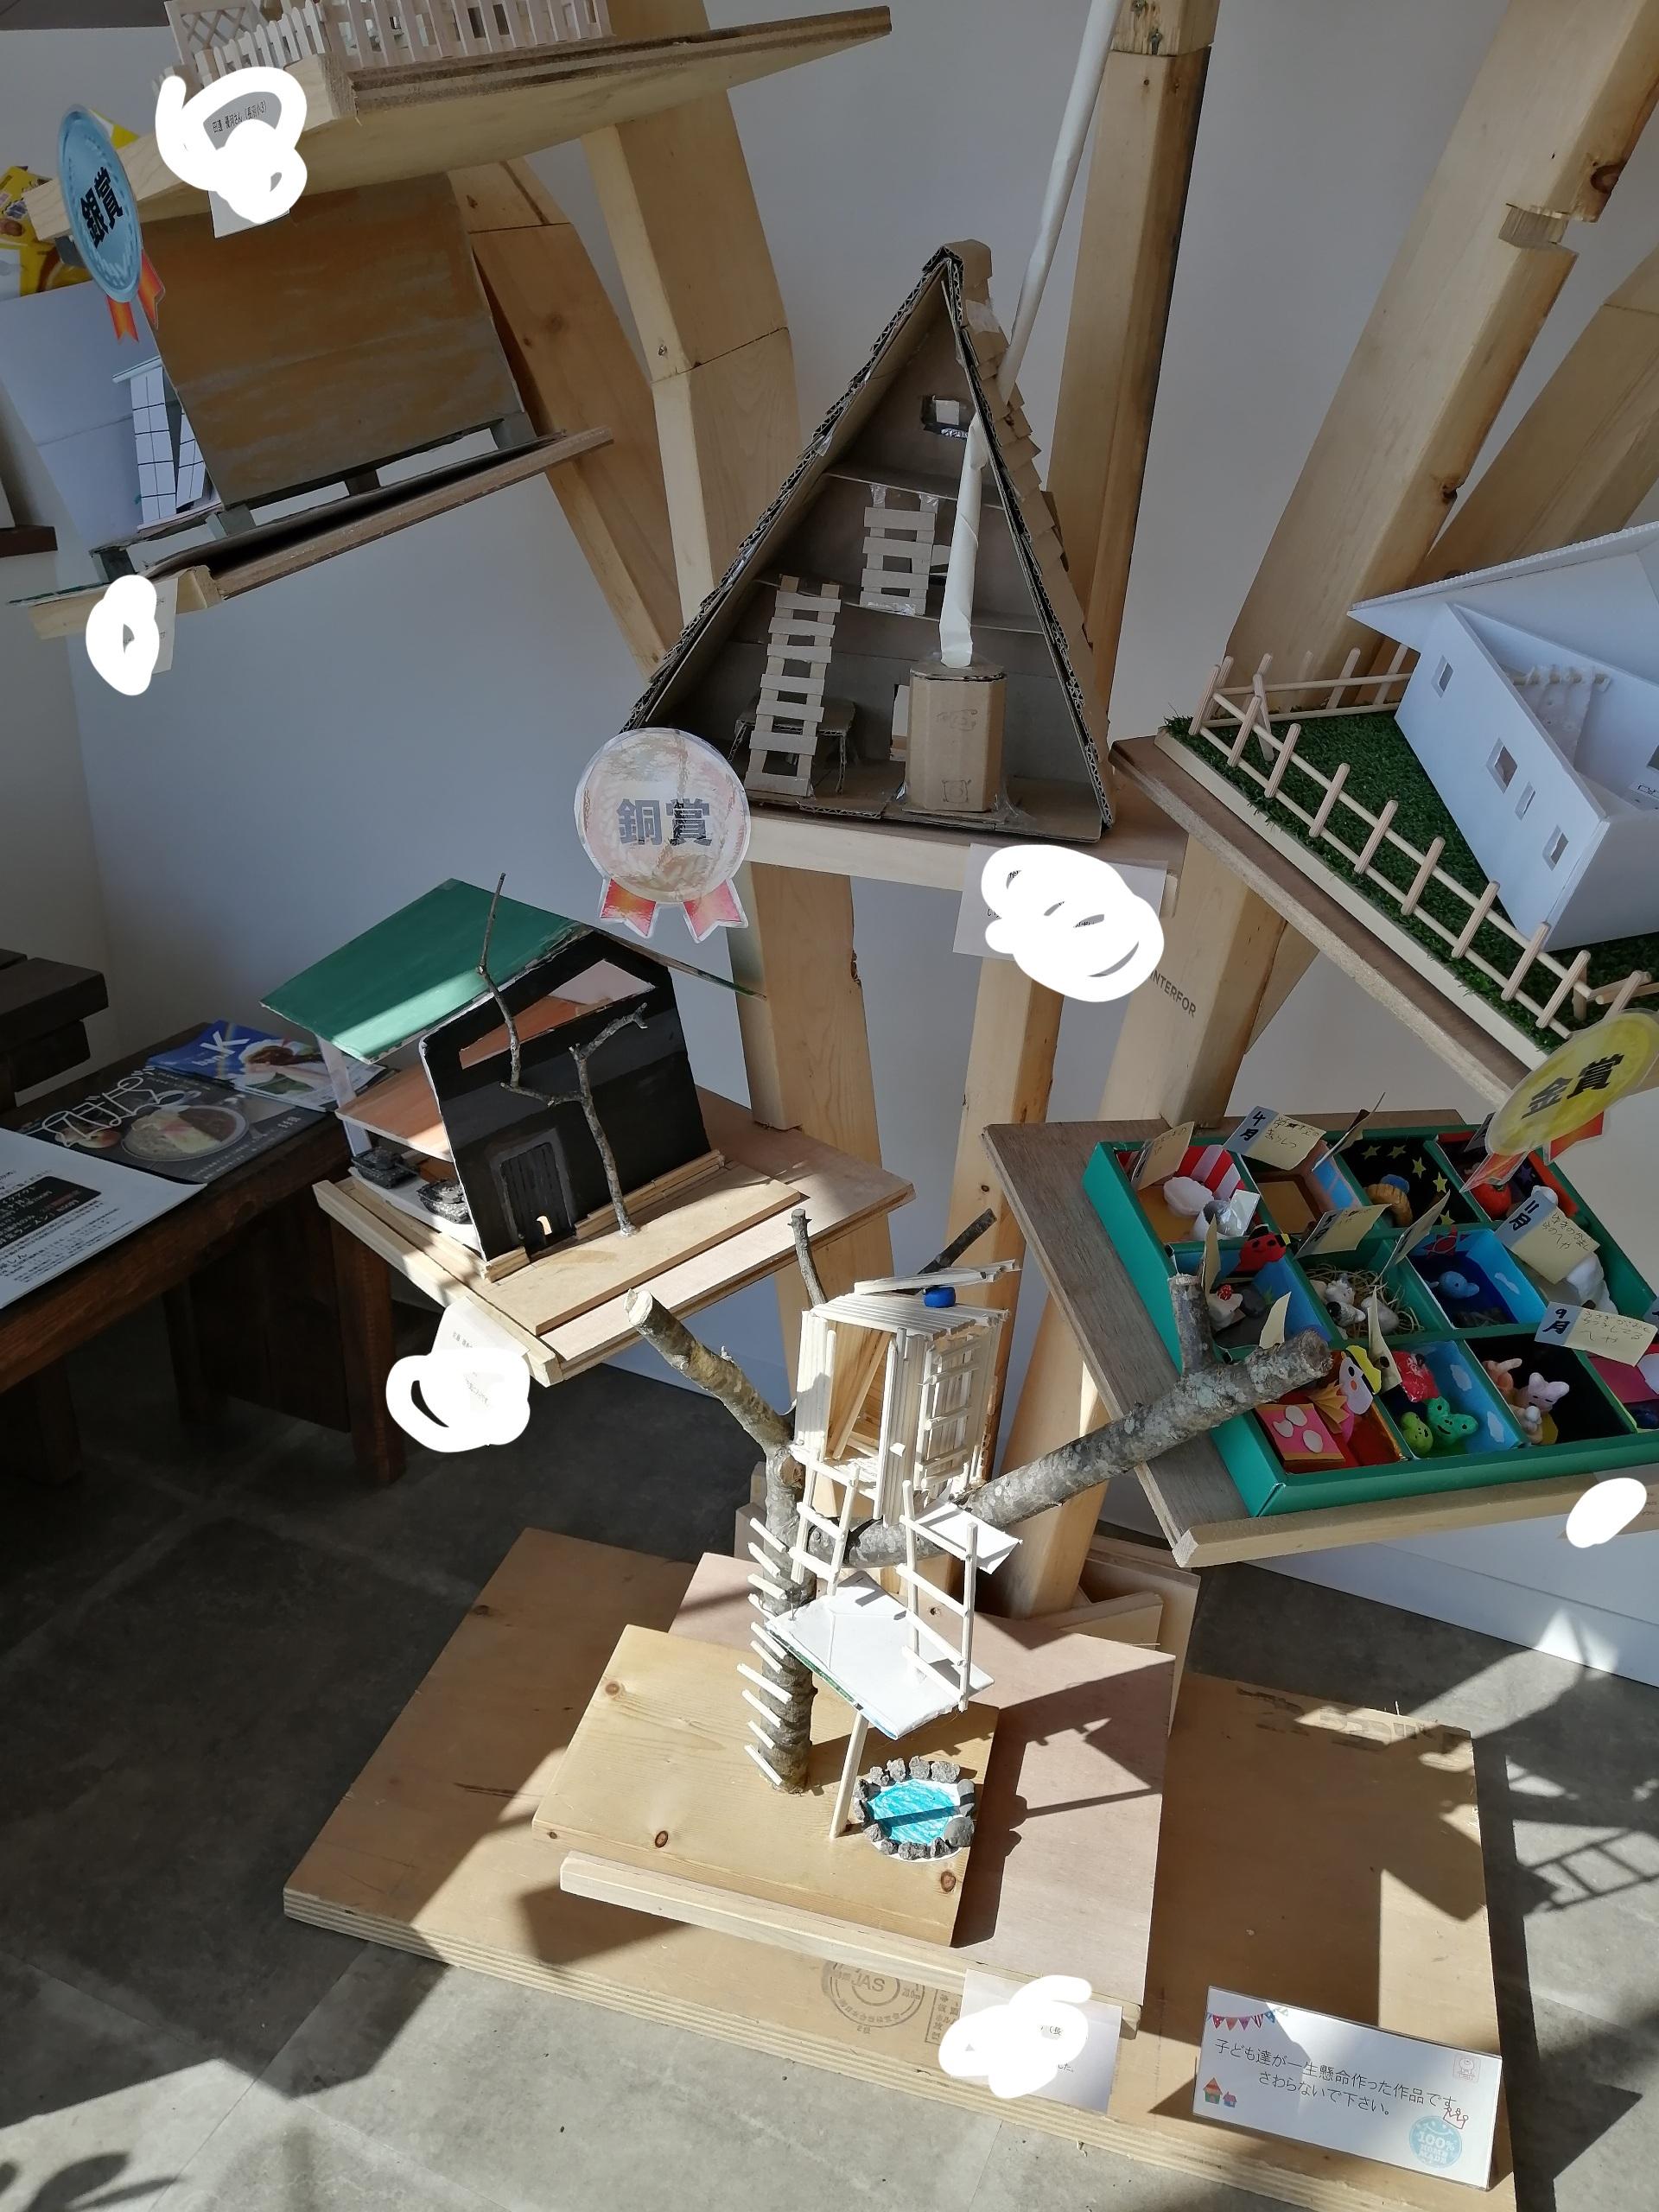 第5回しろくまホーム『家の模型を作ってみよう!』コンテスト審査発表